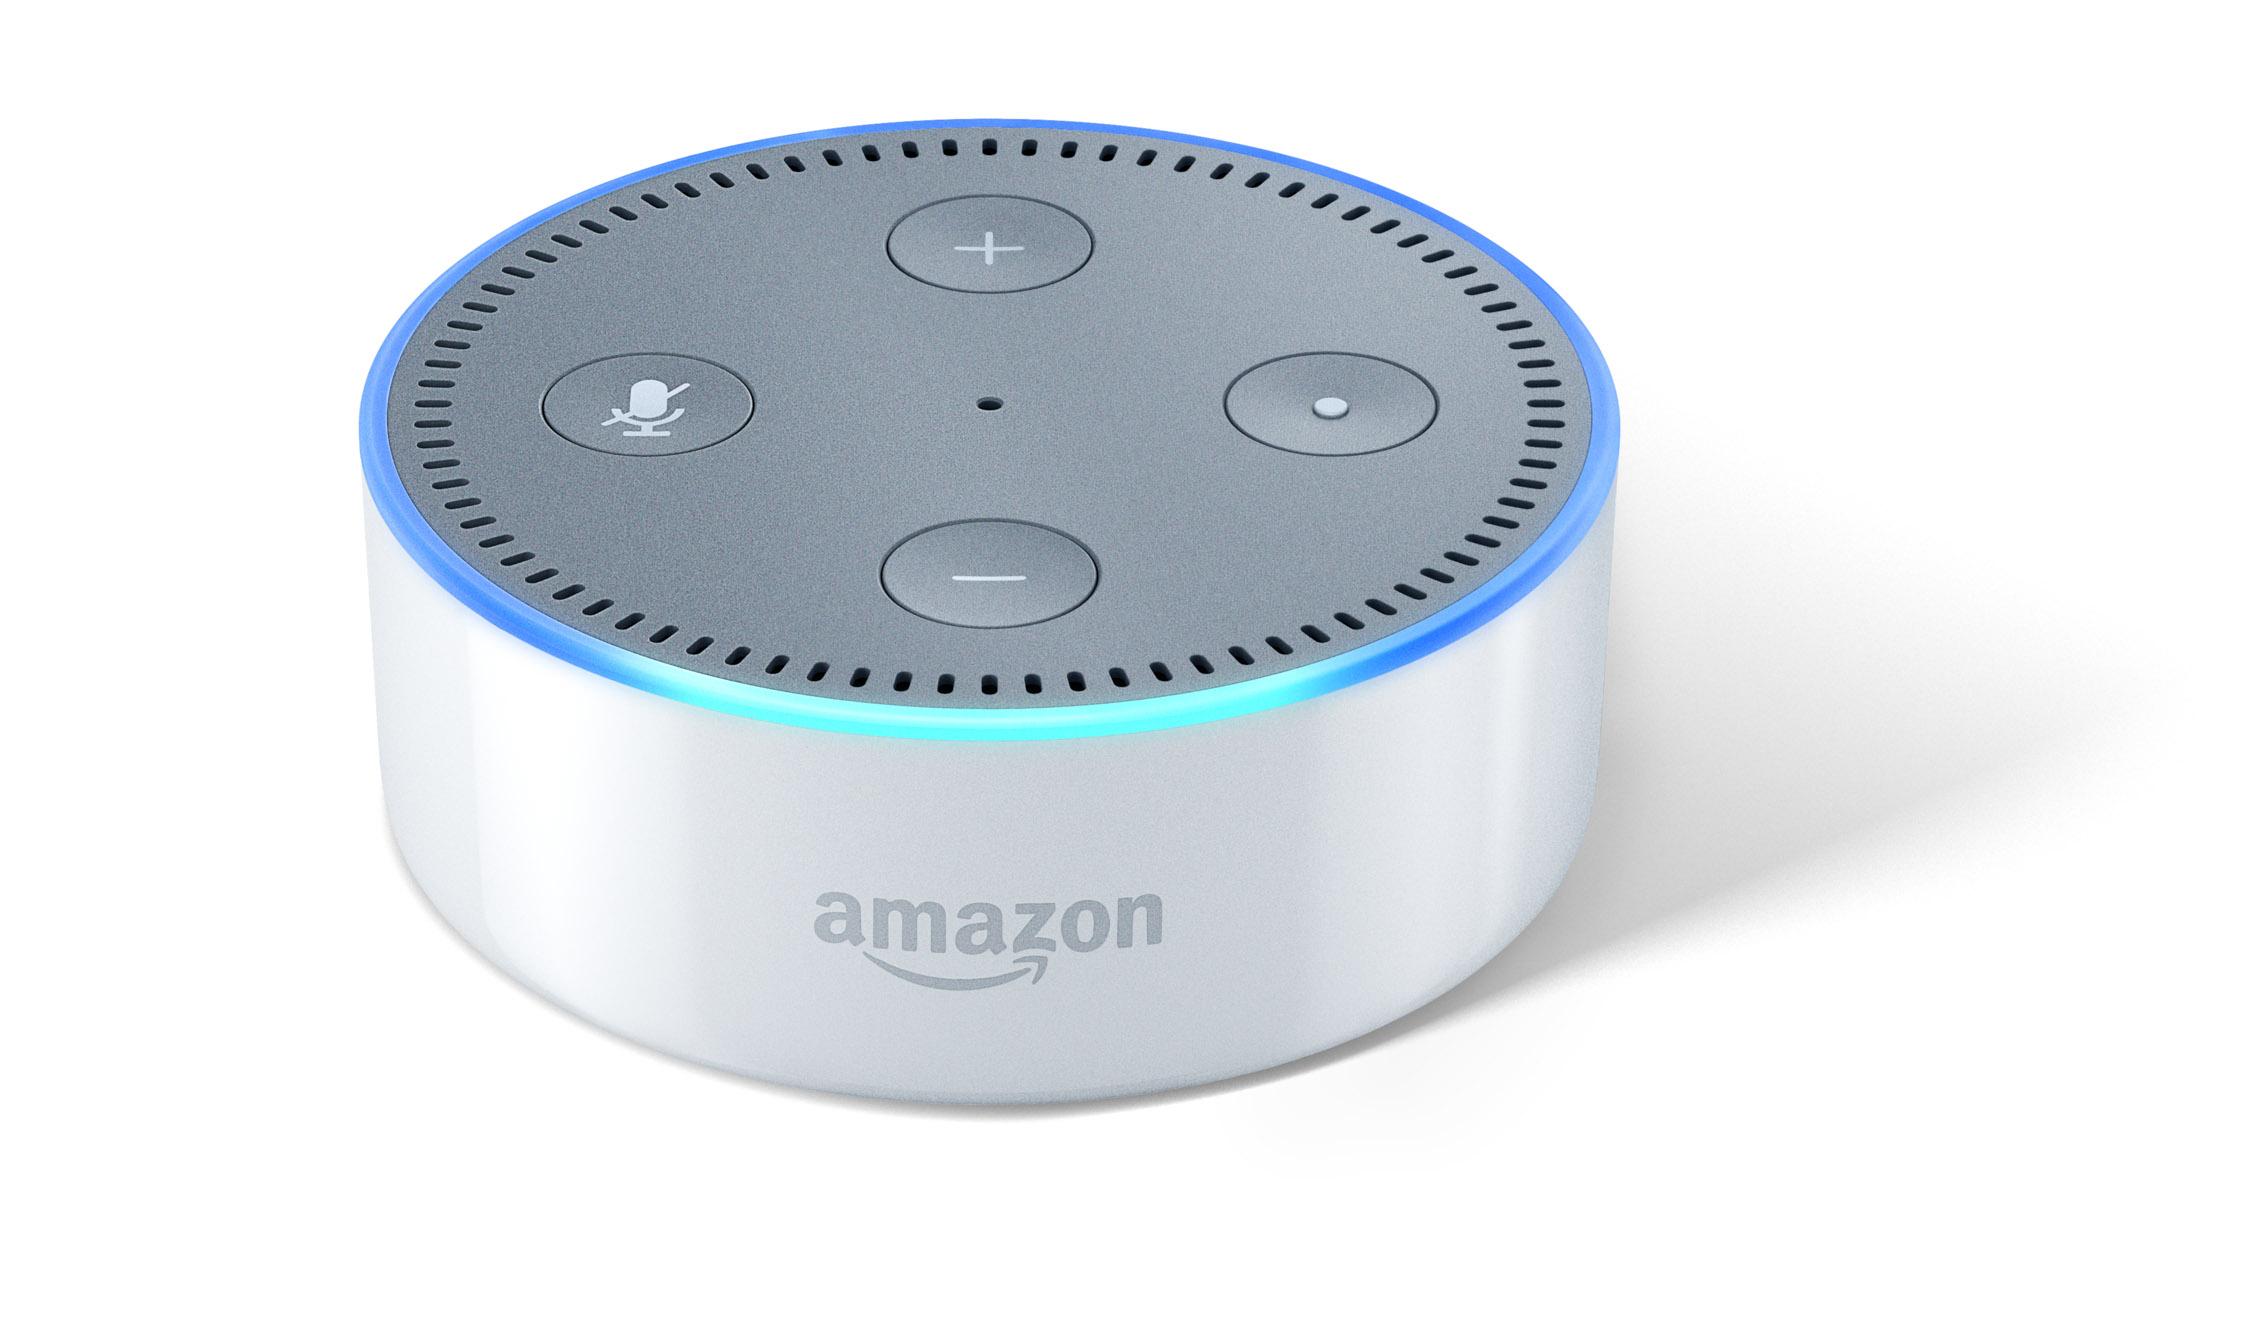 Echo und Echo Dot im Hands on: Amazons Alexa klingt auf Deutsch schon sehr gut - Echo Dot (Bild: Amazon)